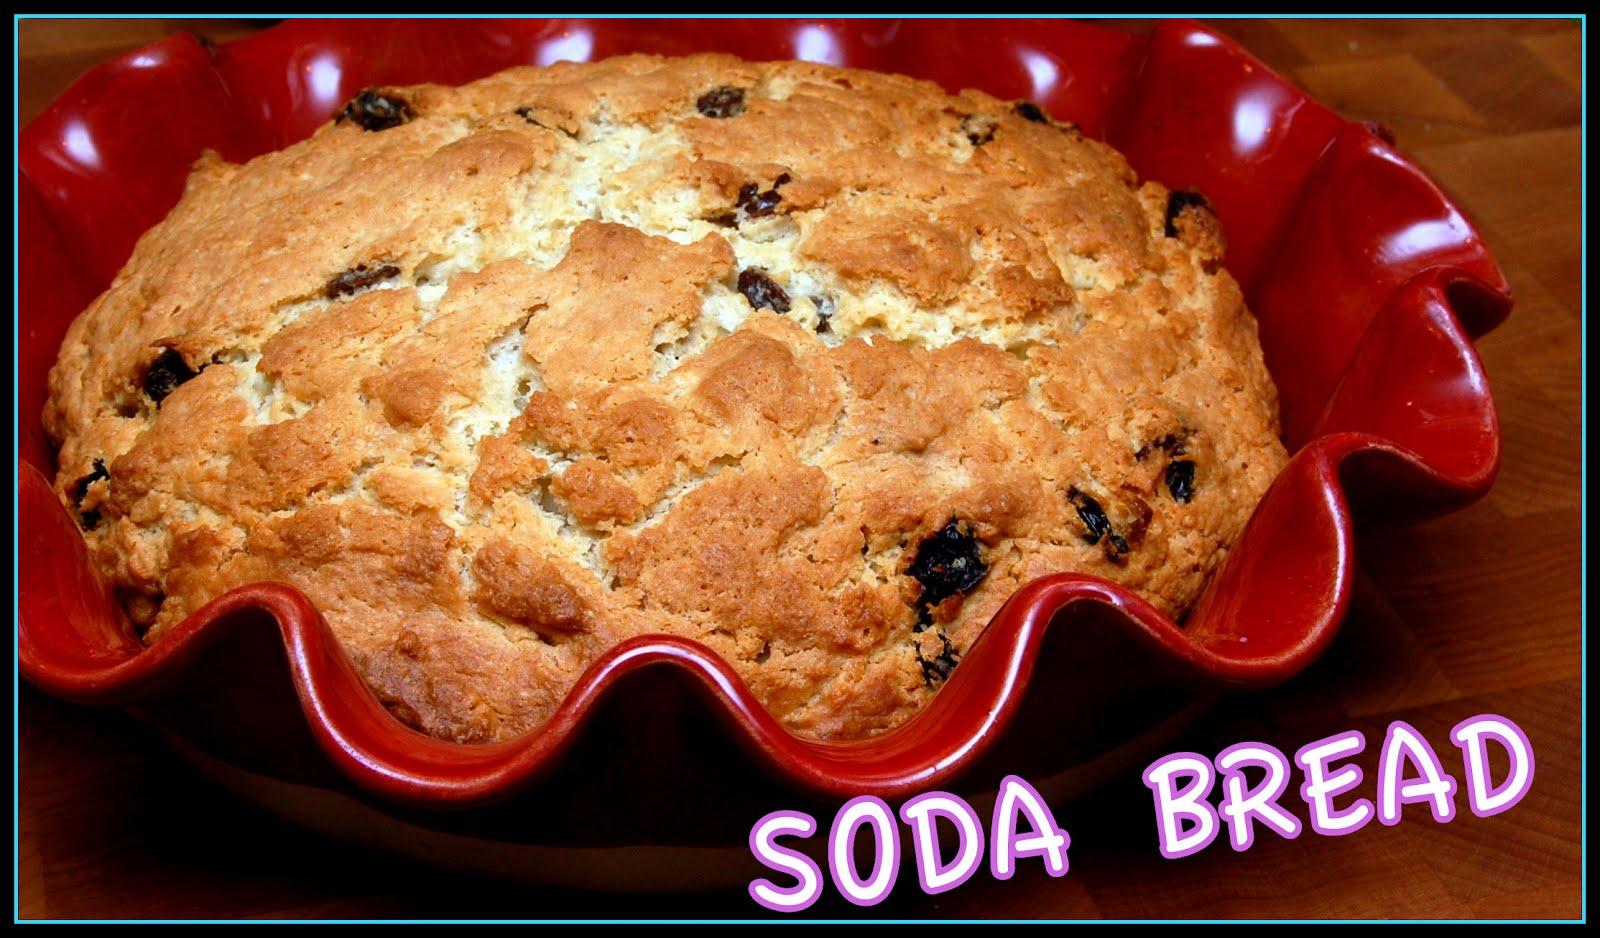 Hugs & CookiesXOXO: IRISH SODA BREAD